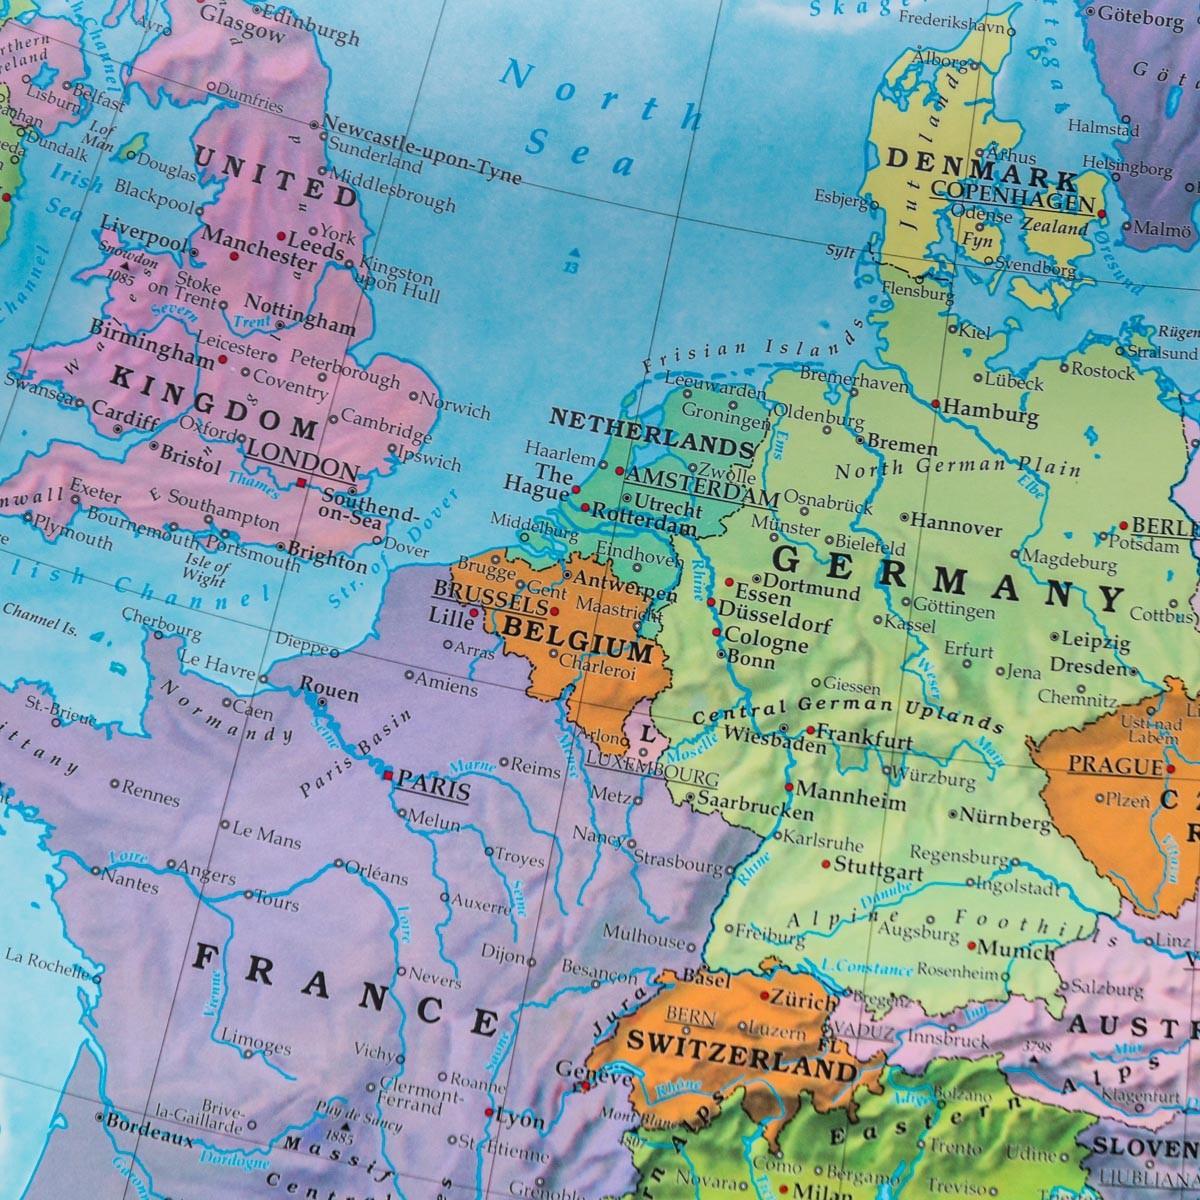 Europa Mapa Scienna Polityczna 1 6 000 000 100x66 Cm